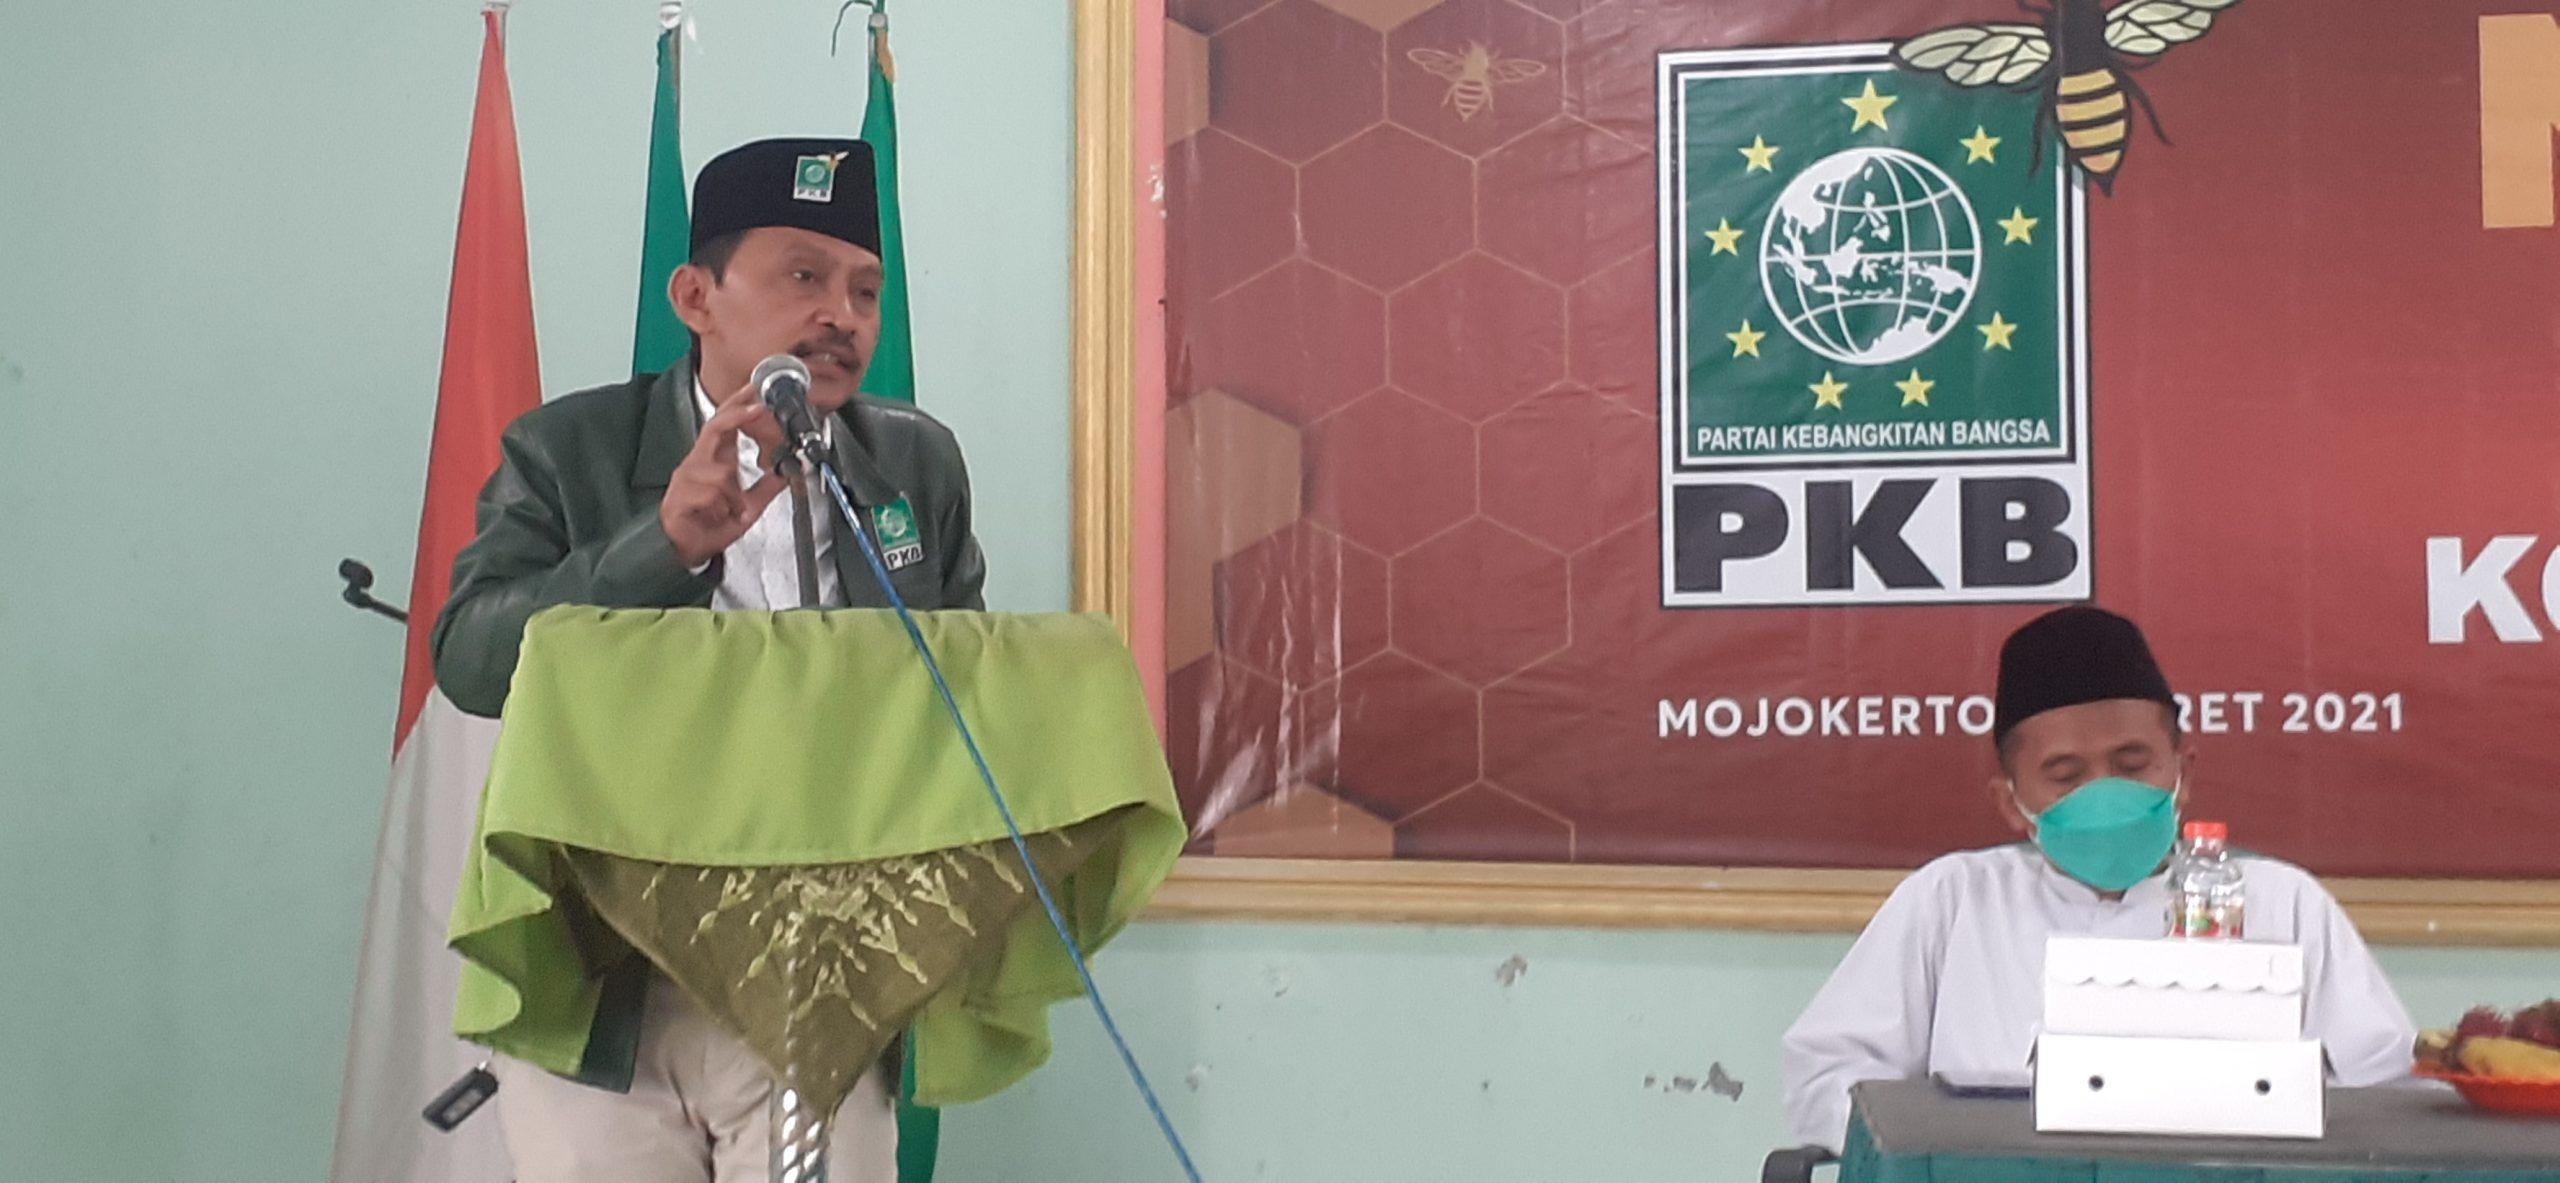 DPC PKB Kota Mojokerto, Muscab